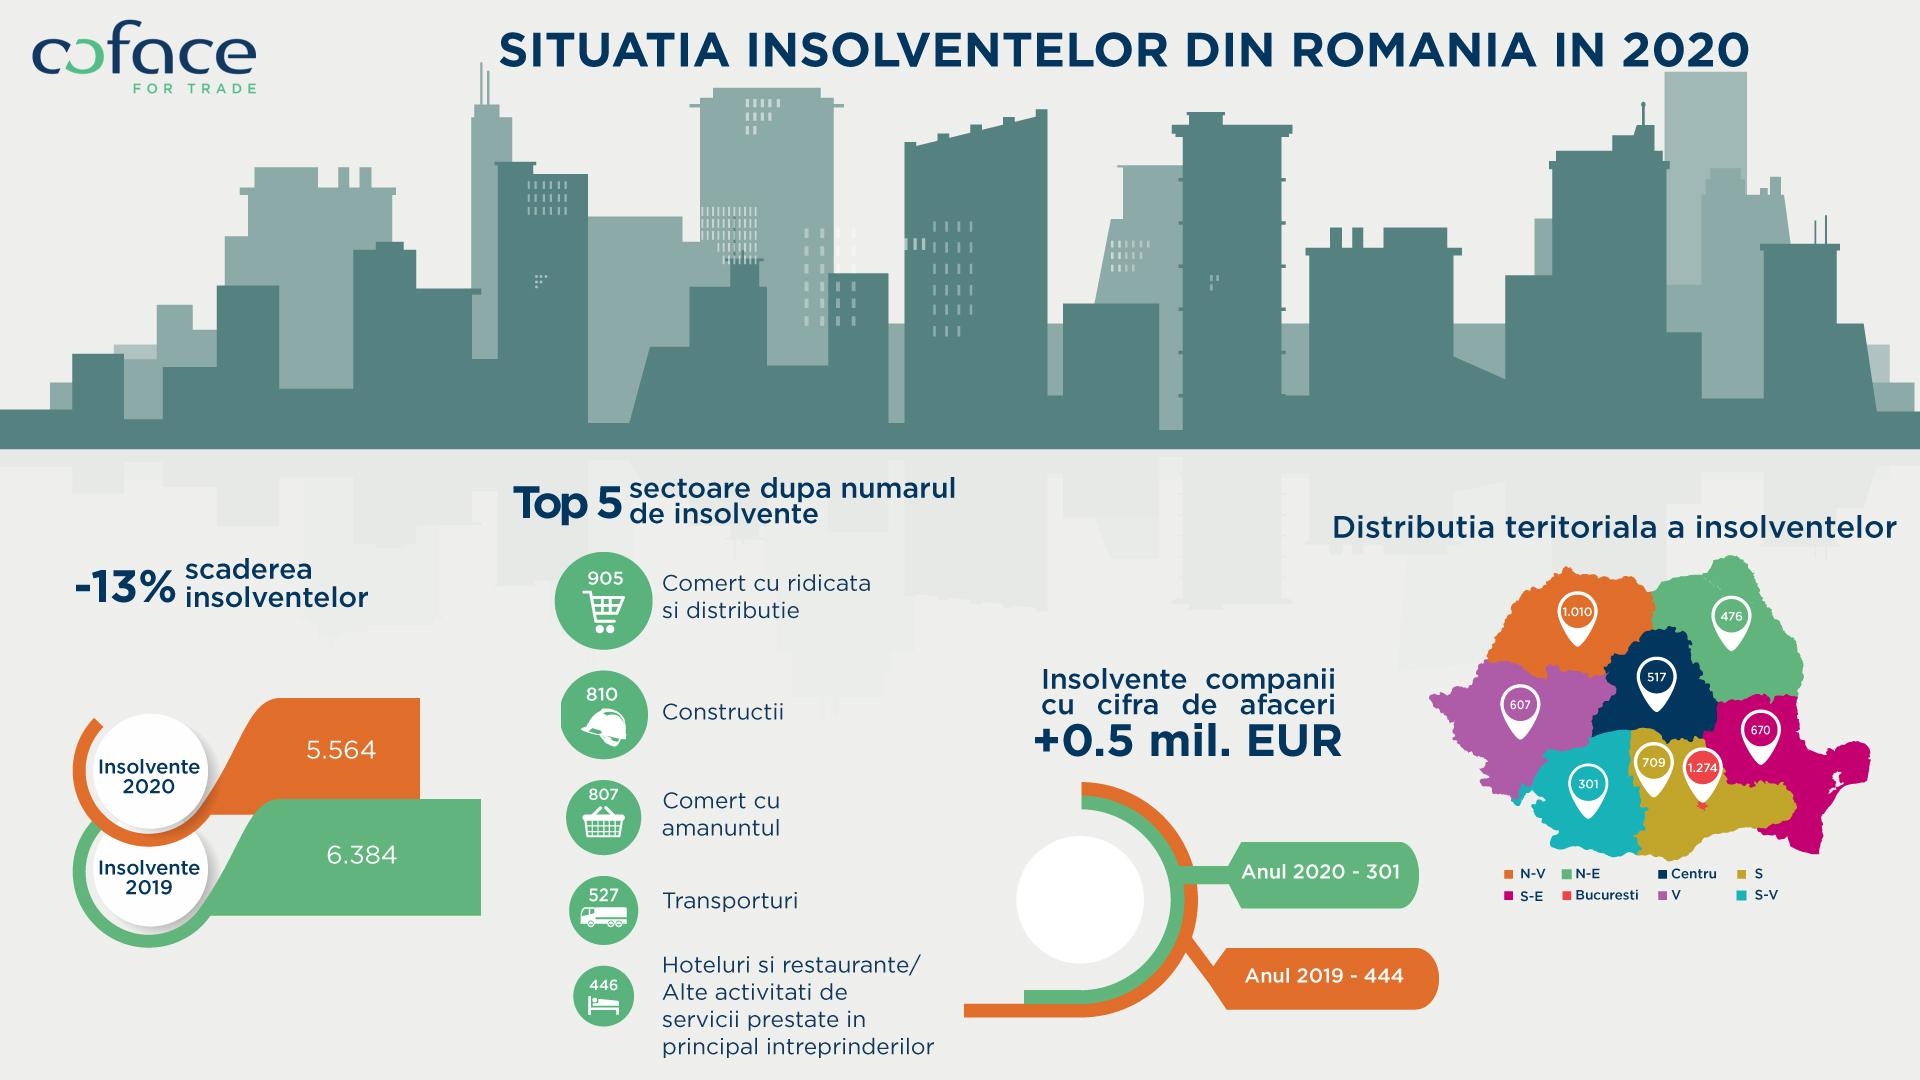 Insolvențele în România au scăzut cu 13% în 2020 față de anul precedent și se situează la minimul ultimului deceniu